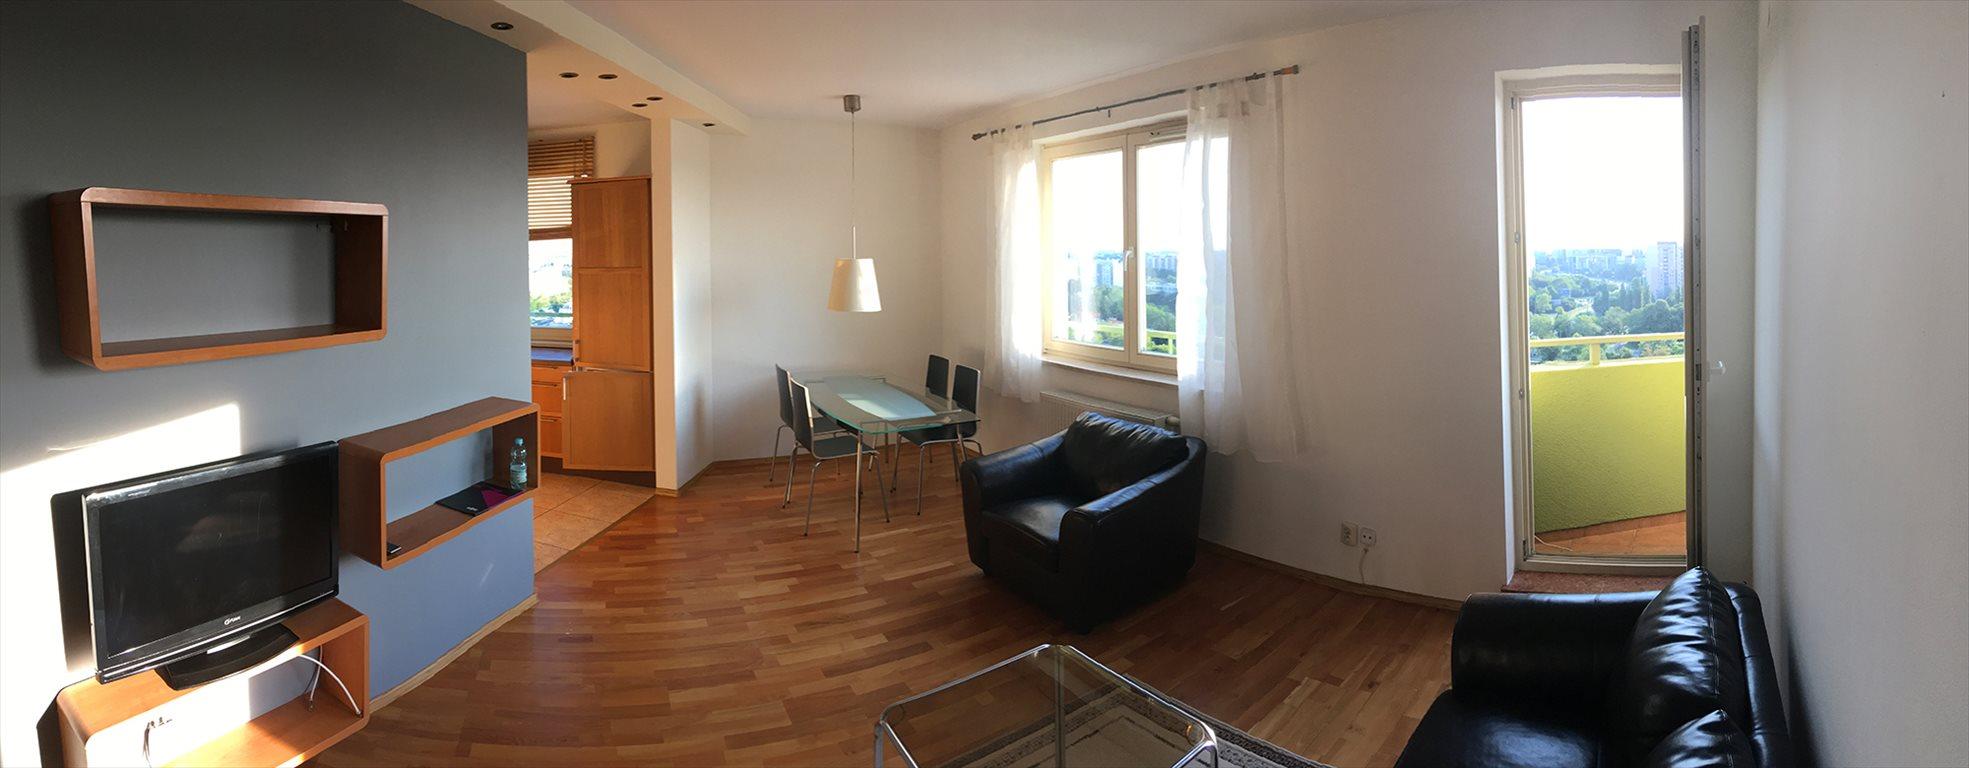 Mieszkanie trzypokojowe na wynajem Warszawa, Mokotów, Bukowińska 12  65m2 Foto 9